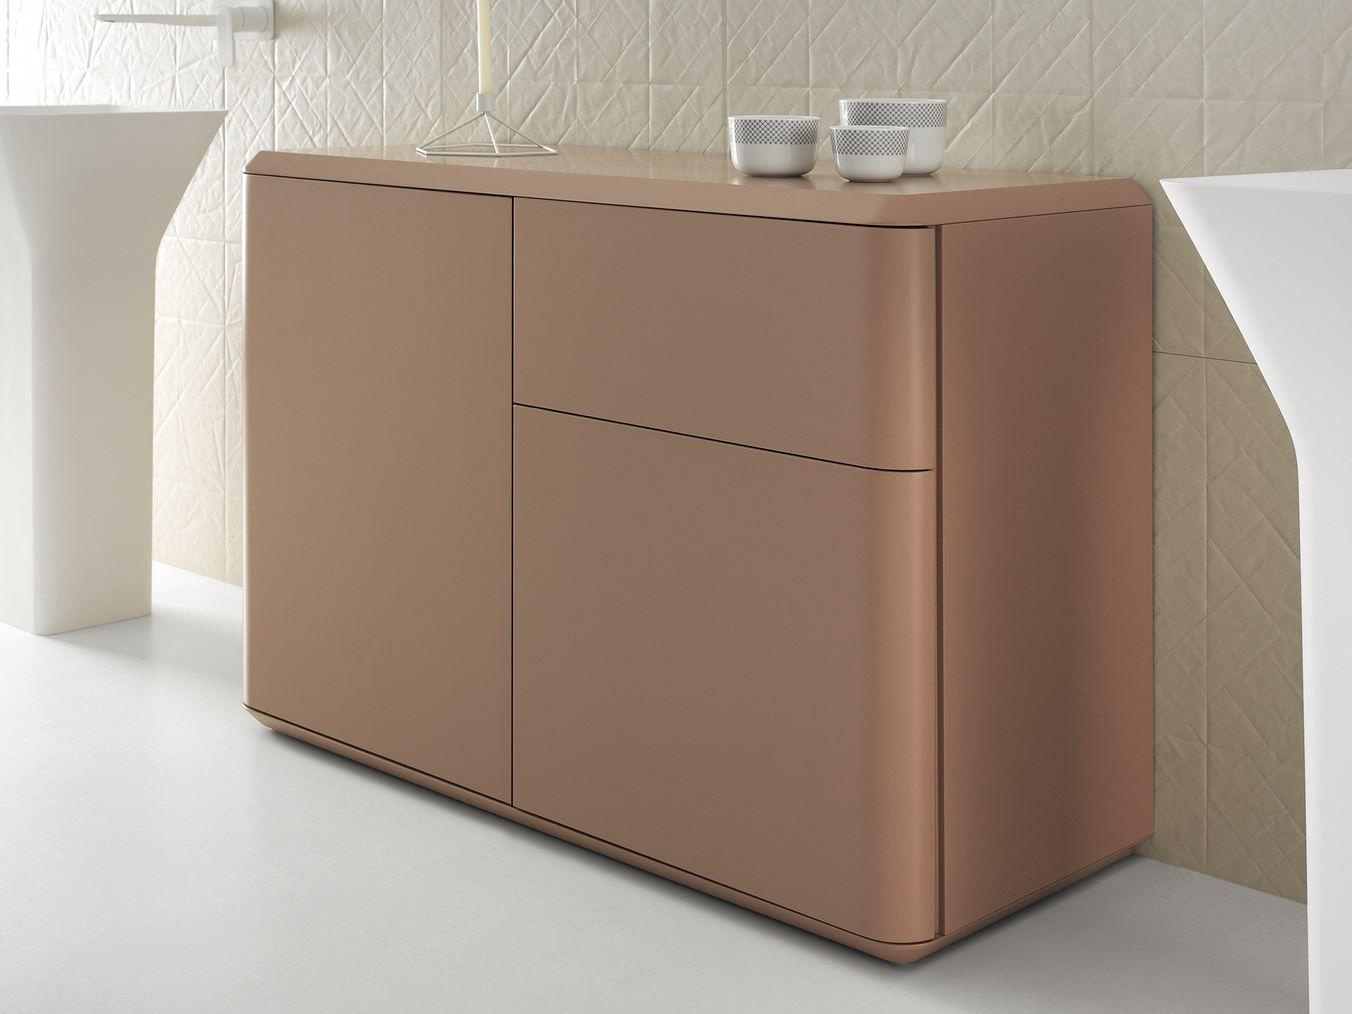 Fluent meuble pour salle de bain by inbani design arik levy for Porte pour meuble salle de bain